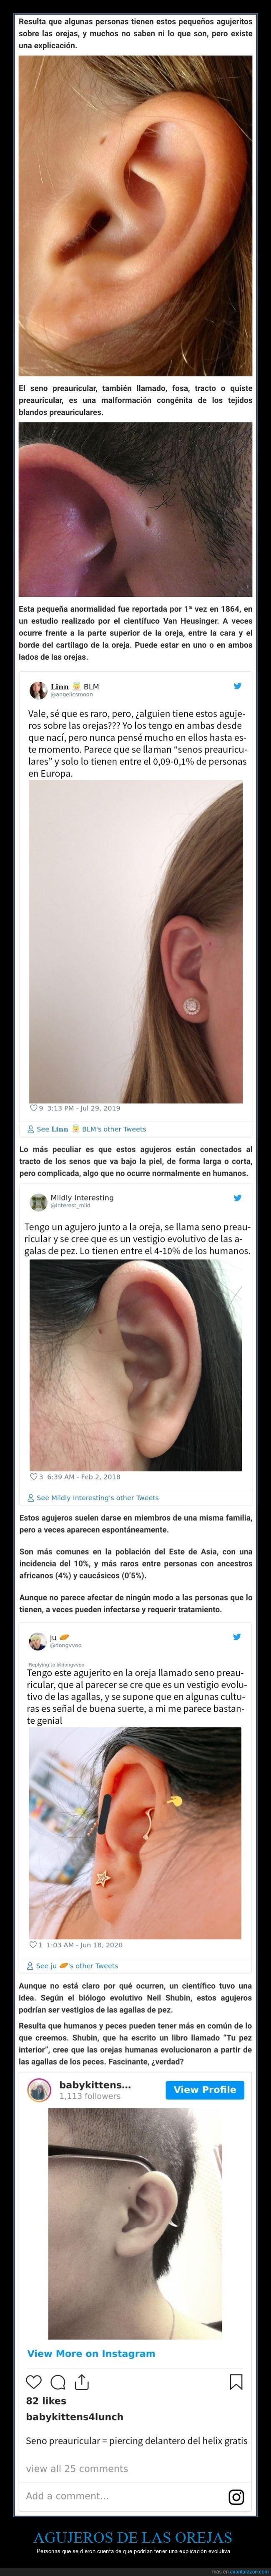 agujeros,evolución,orejas,seno preauricular